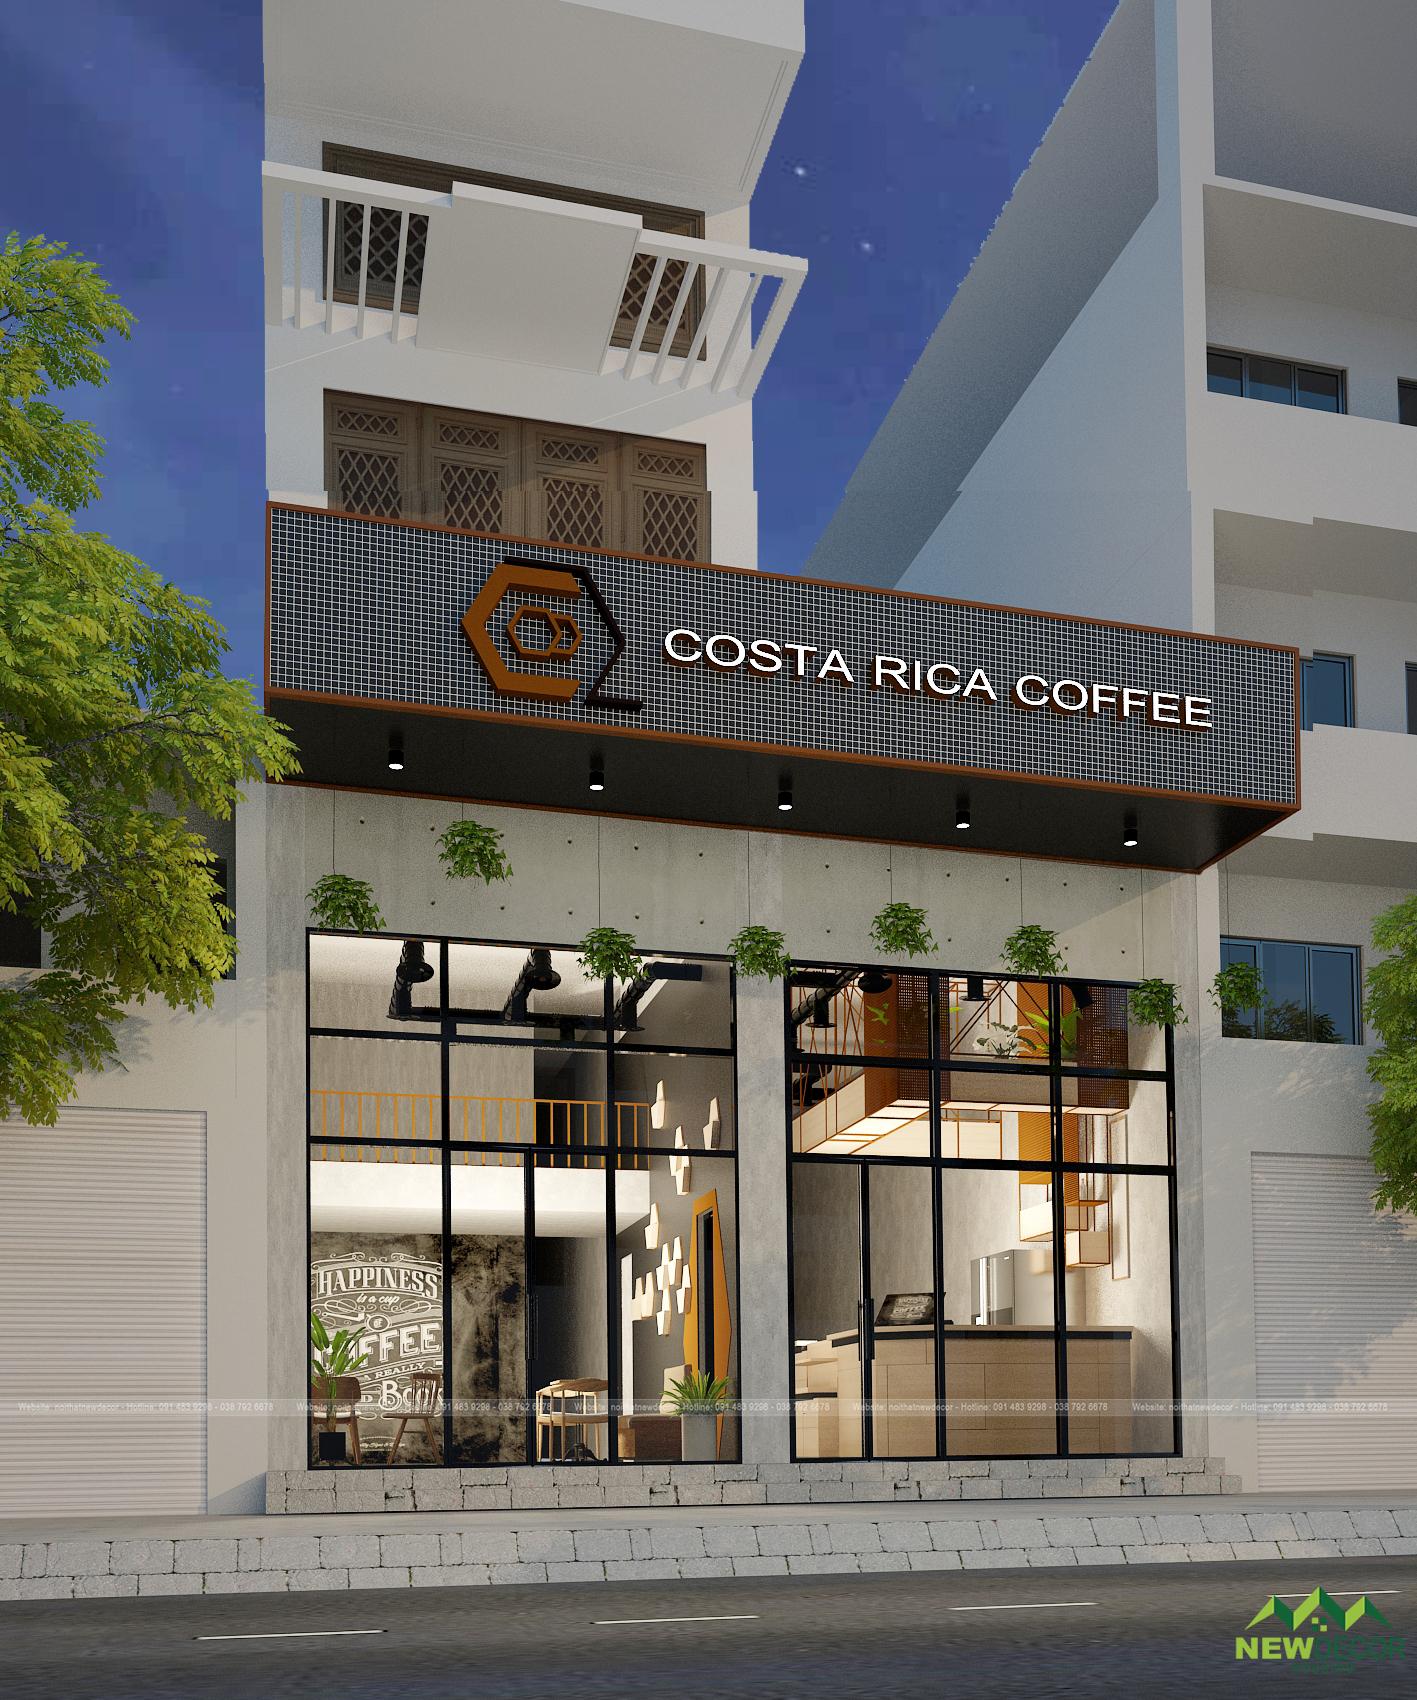 Từ bên ngoài nhìn vào, chúng ta đã có thể thấy được sự đơn giản trong thiết kế nội thất quán cà phê.